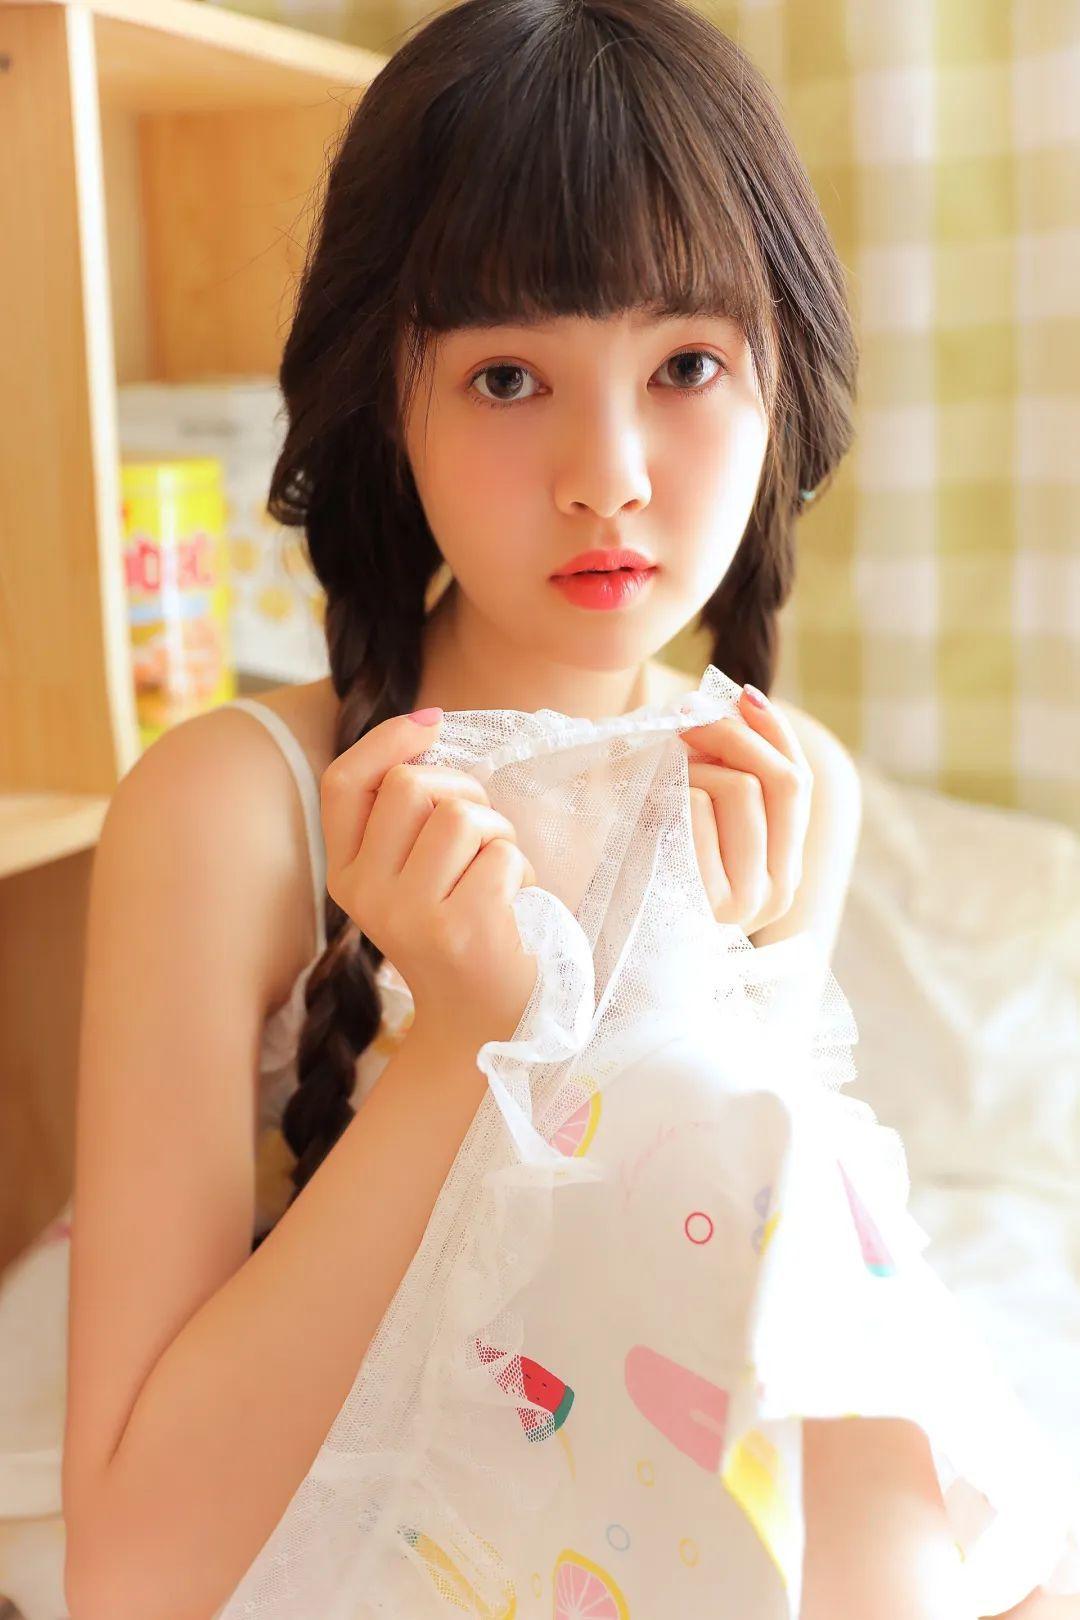 妹子摄影 – 甜美连衣裙双马尾少女吃西瓜_图片 No.20